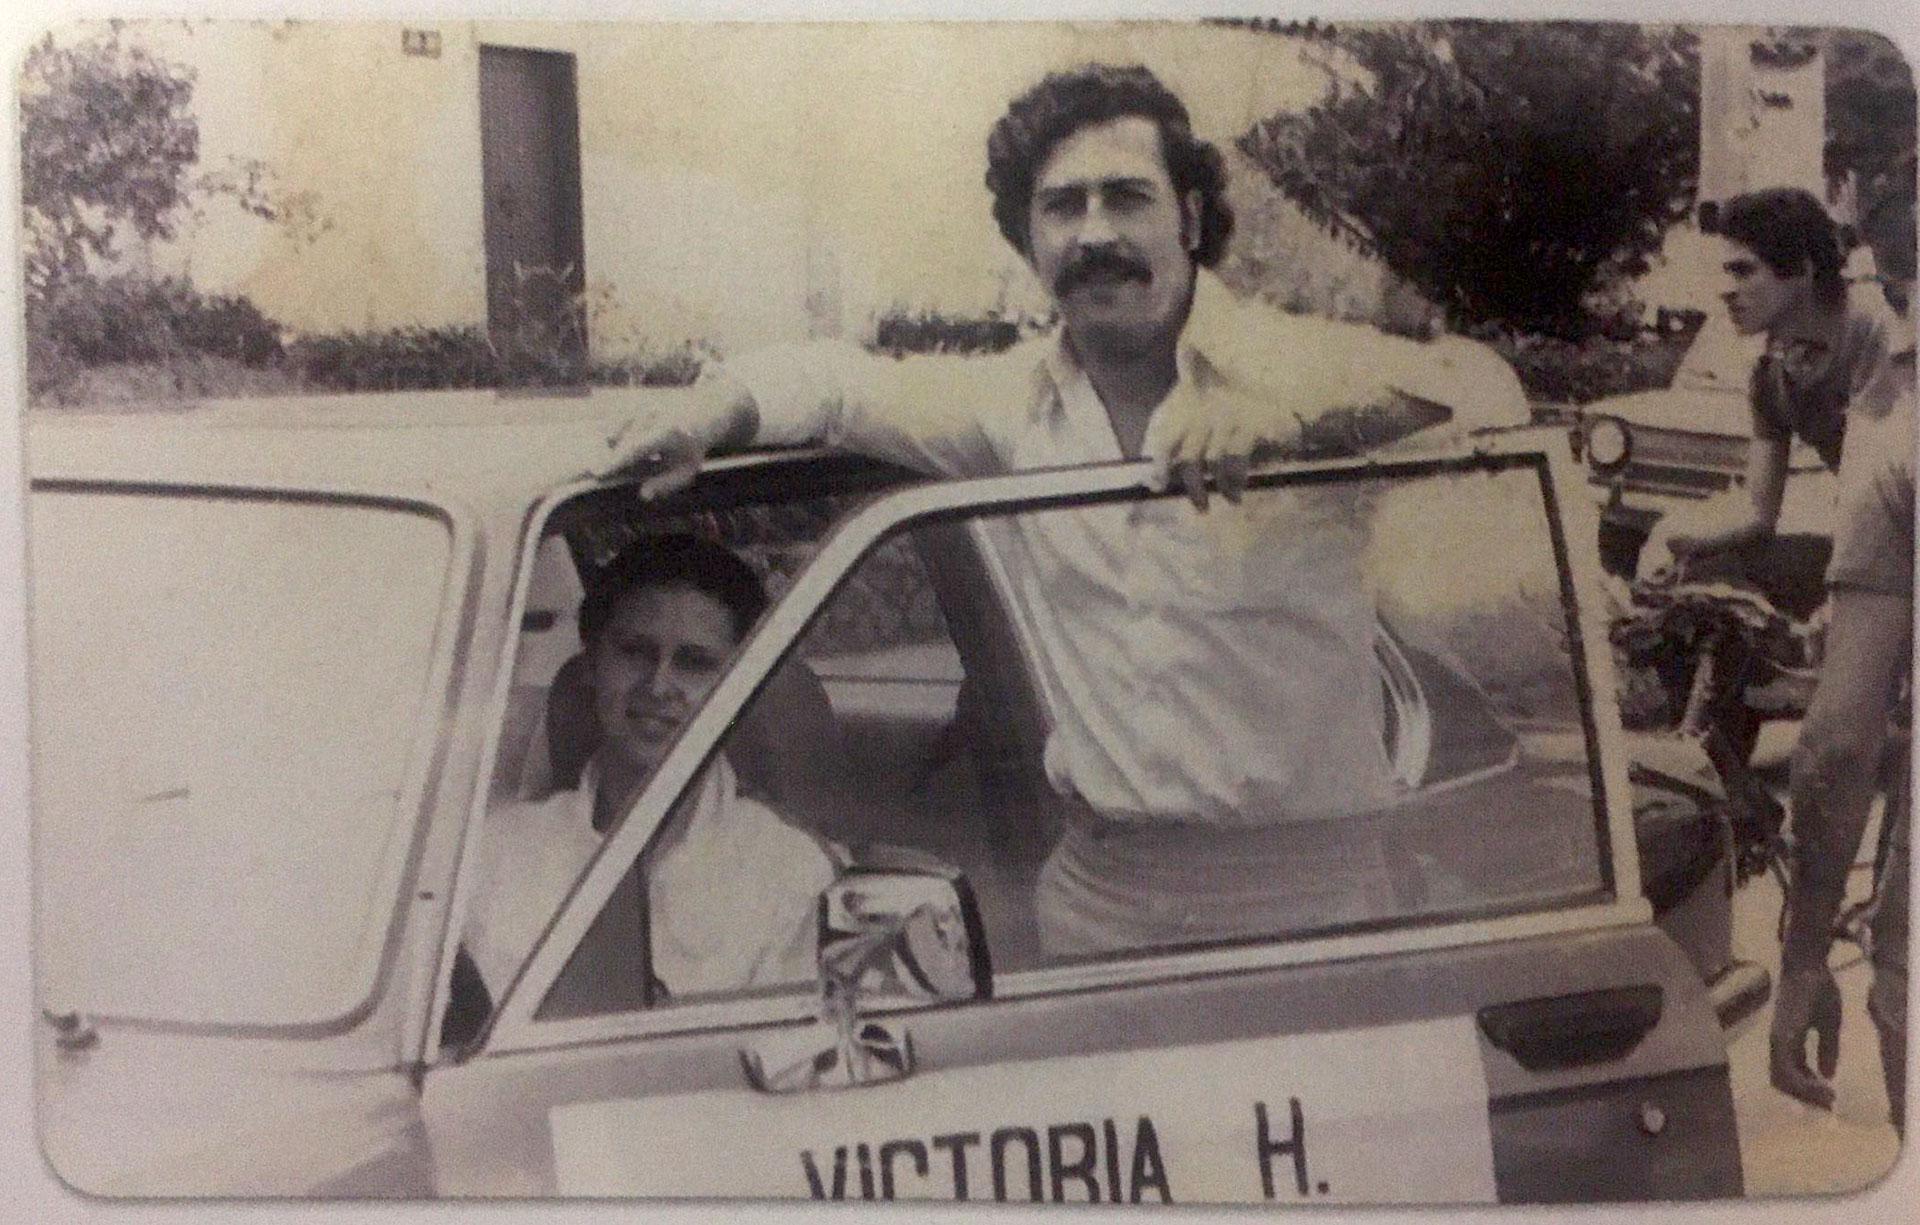 Pablo Escobar quería que su esposa Victoria Eugenia Henao fuera piloto de automovilismo. Aquí en uno que lleva su nombre. La viuda tenía apenas 20 años (Victoria Eugenia Henao / Editorial Planeta)